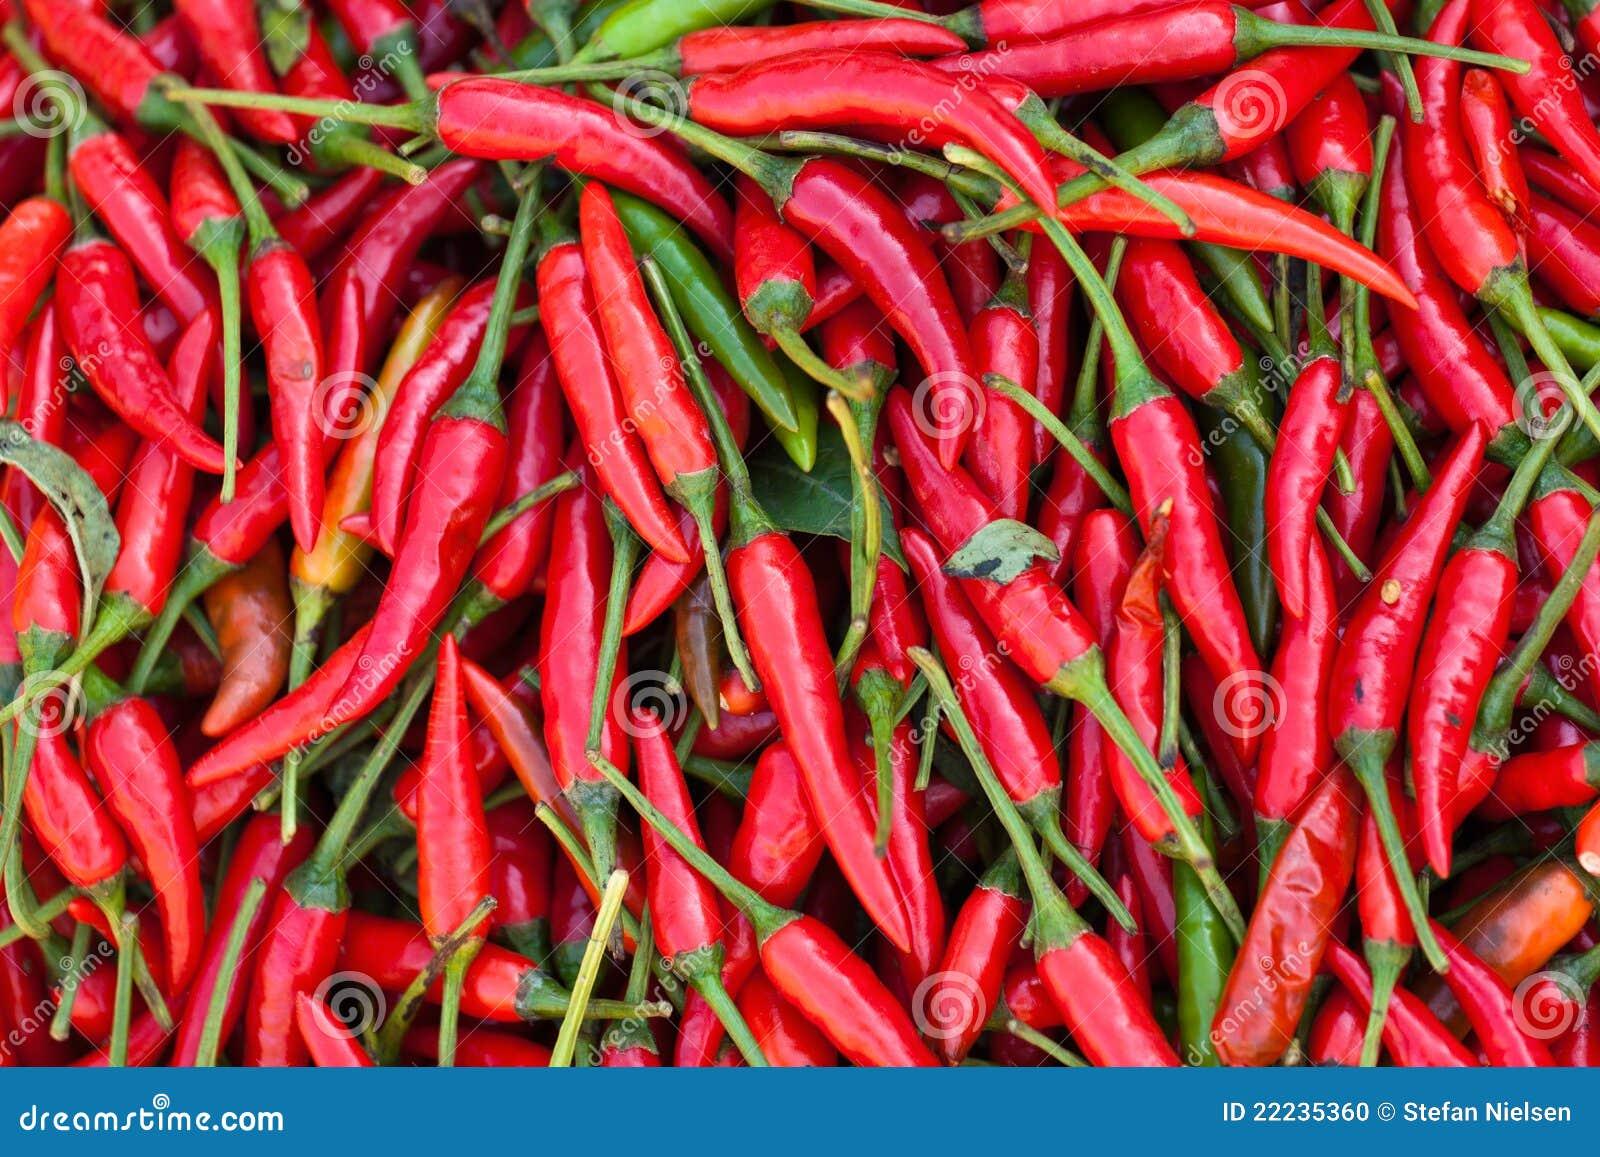 Pimentões vermelhos